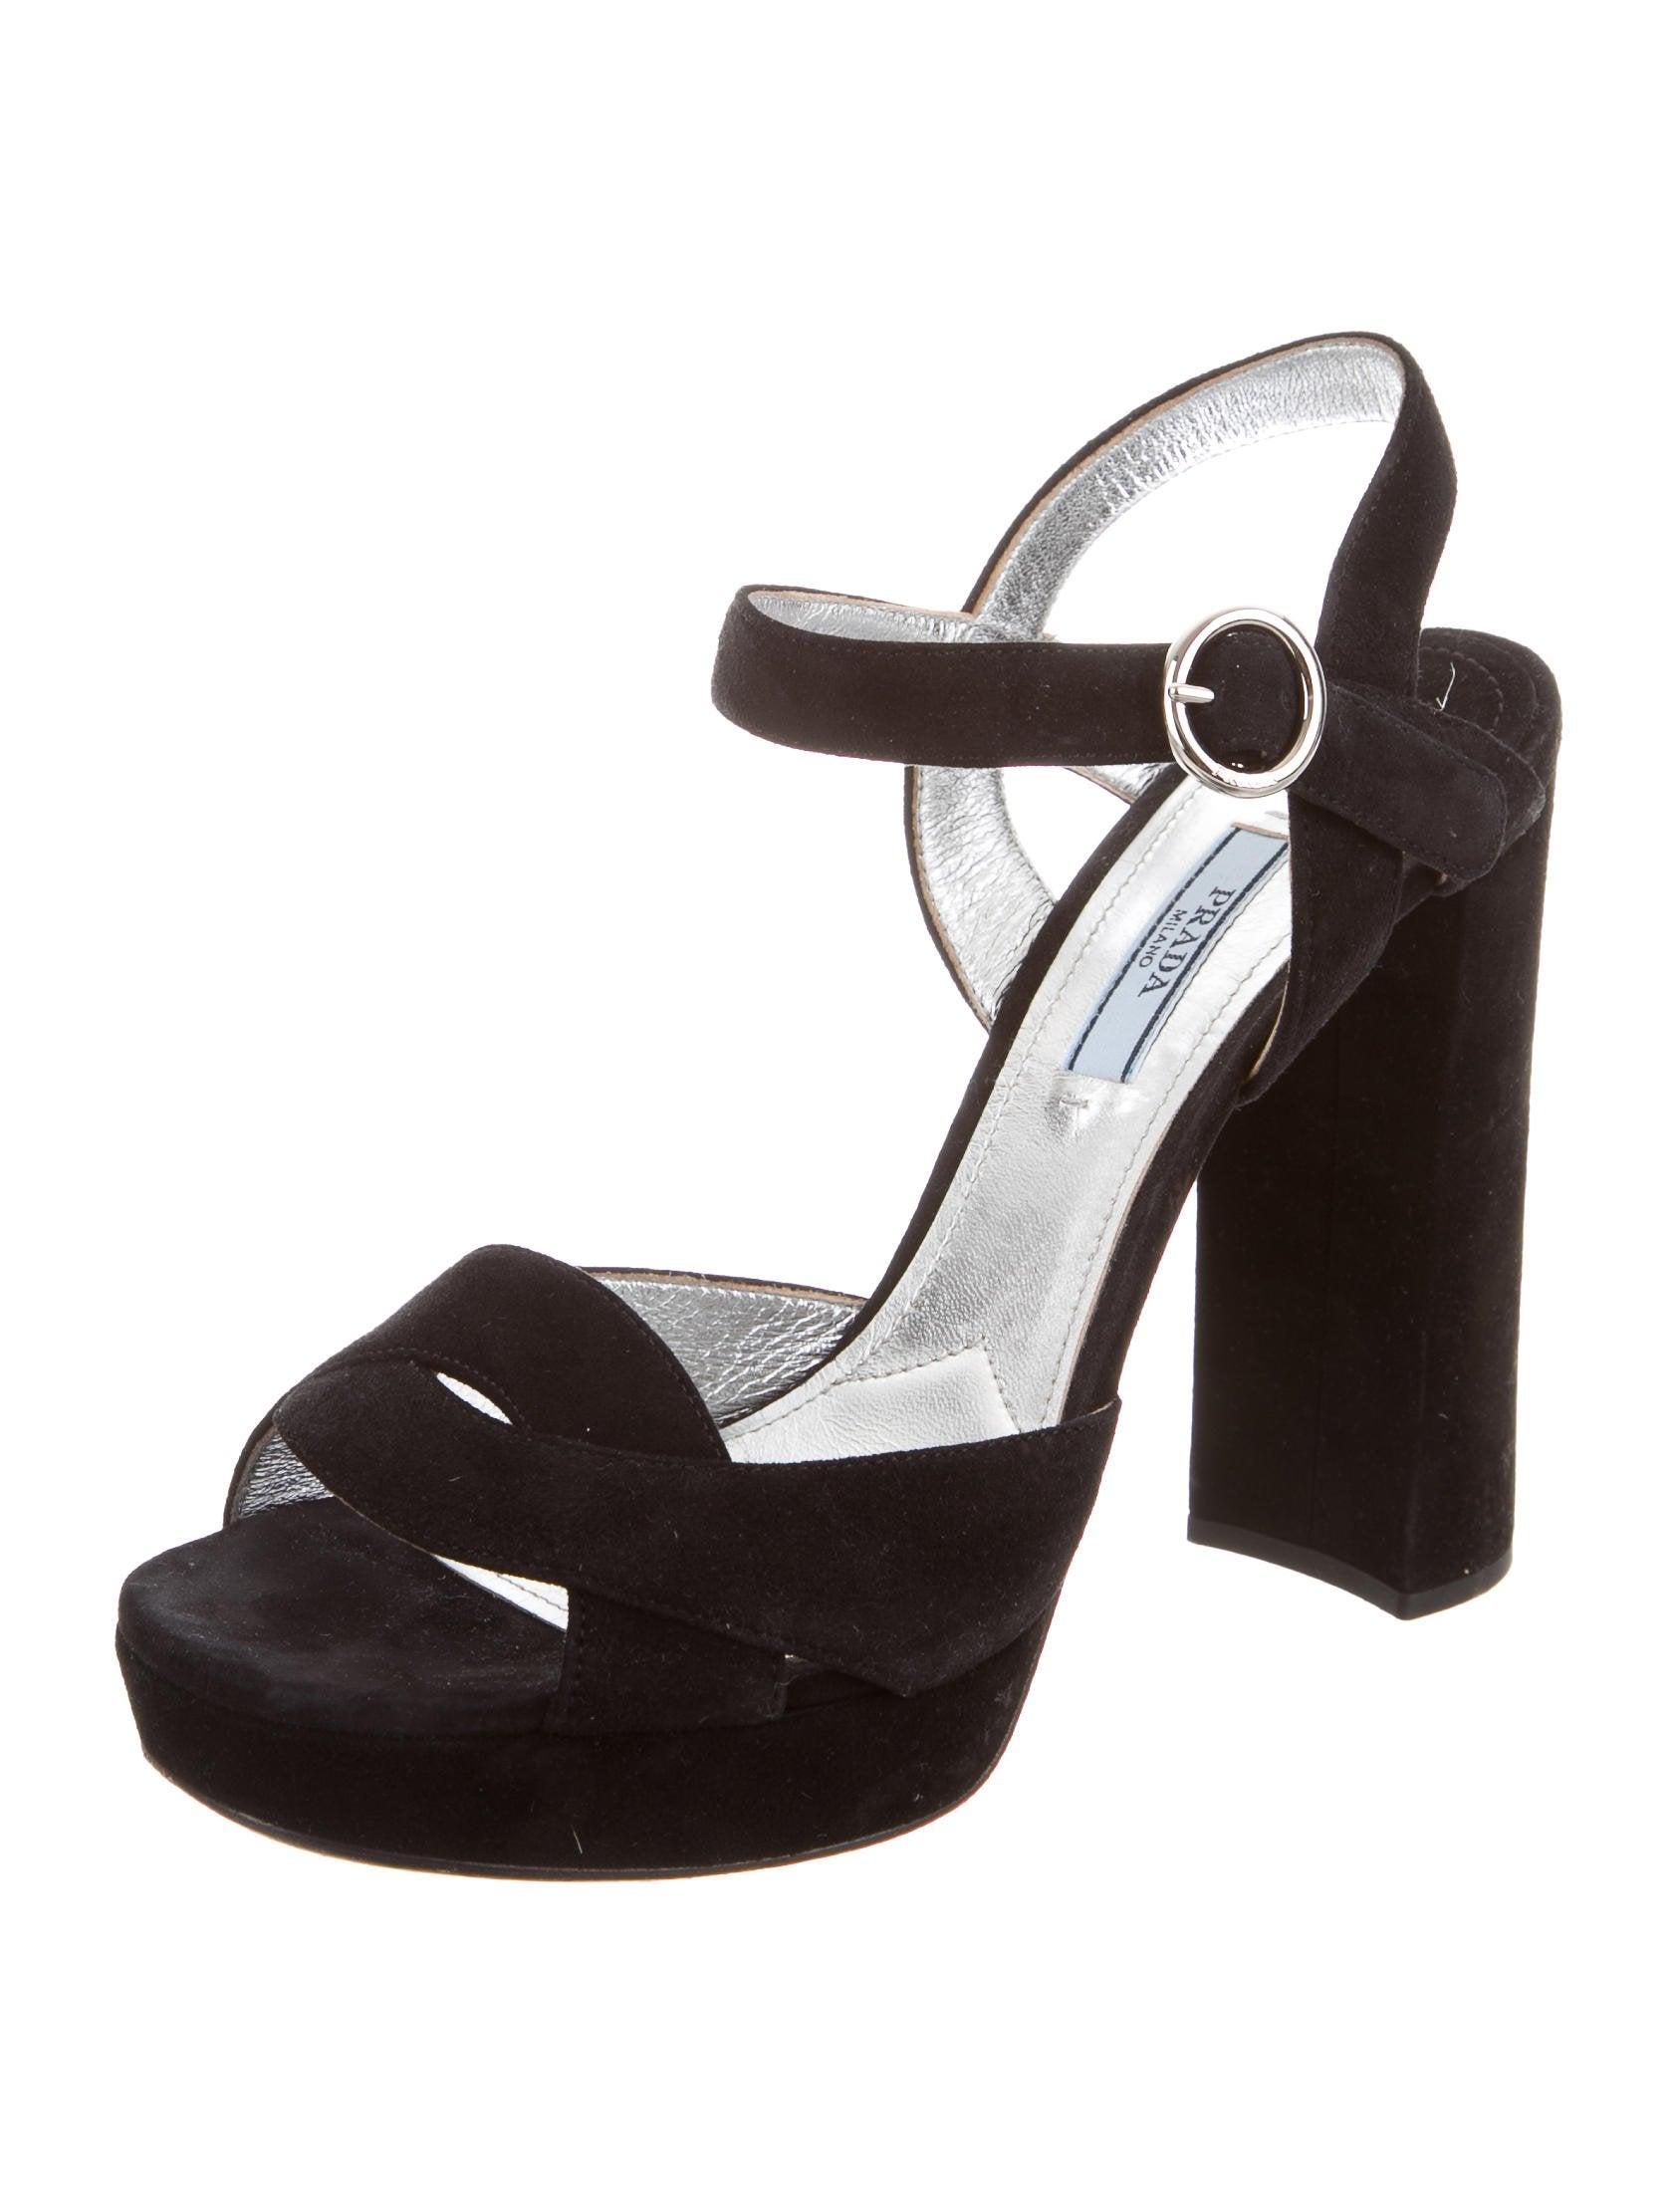 prada suede platform sandals shoes pra139266 the